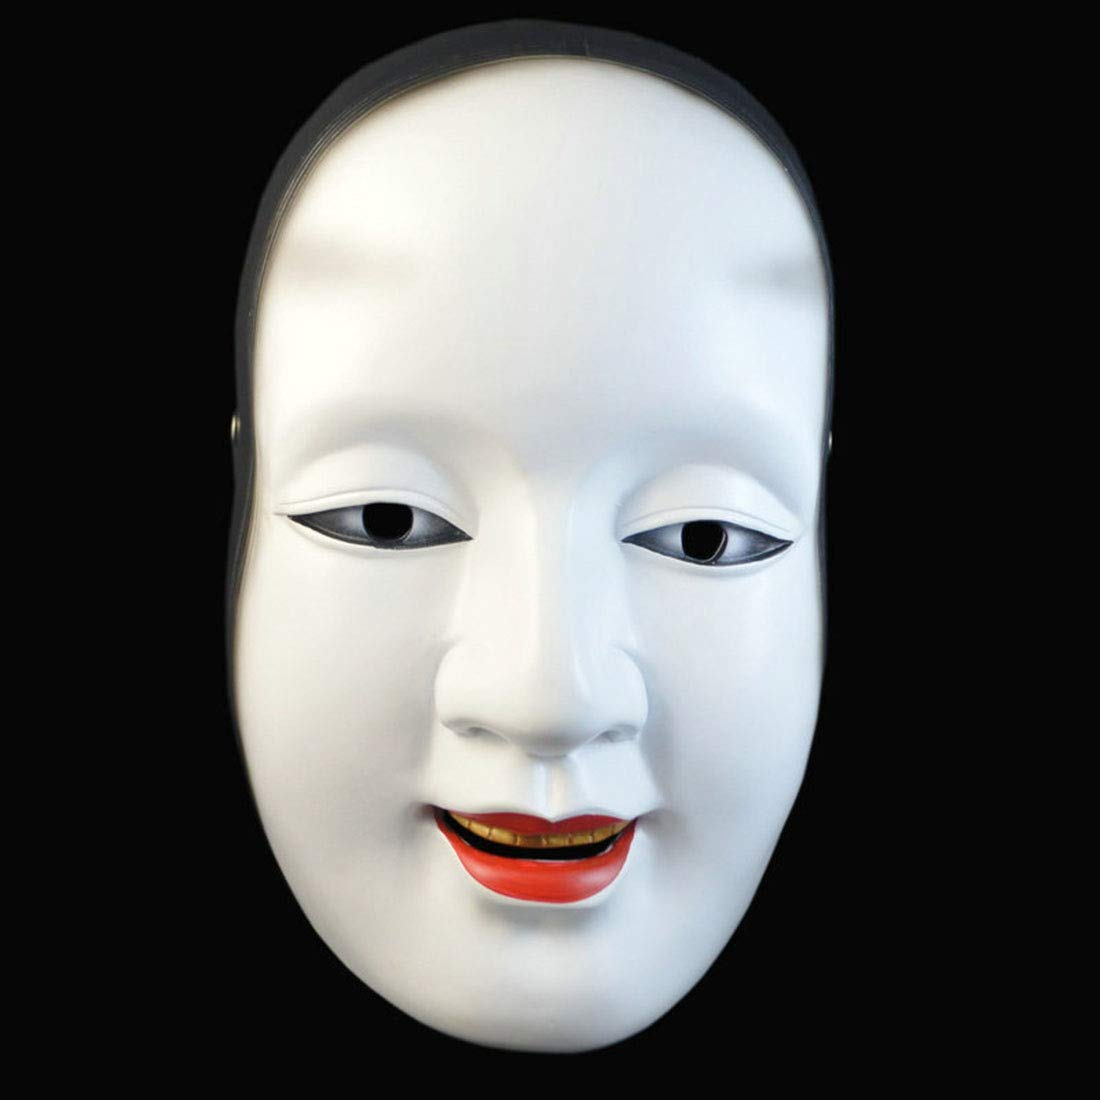 caretas japonesas domoníacas